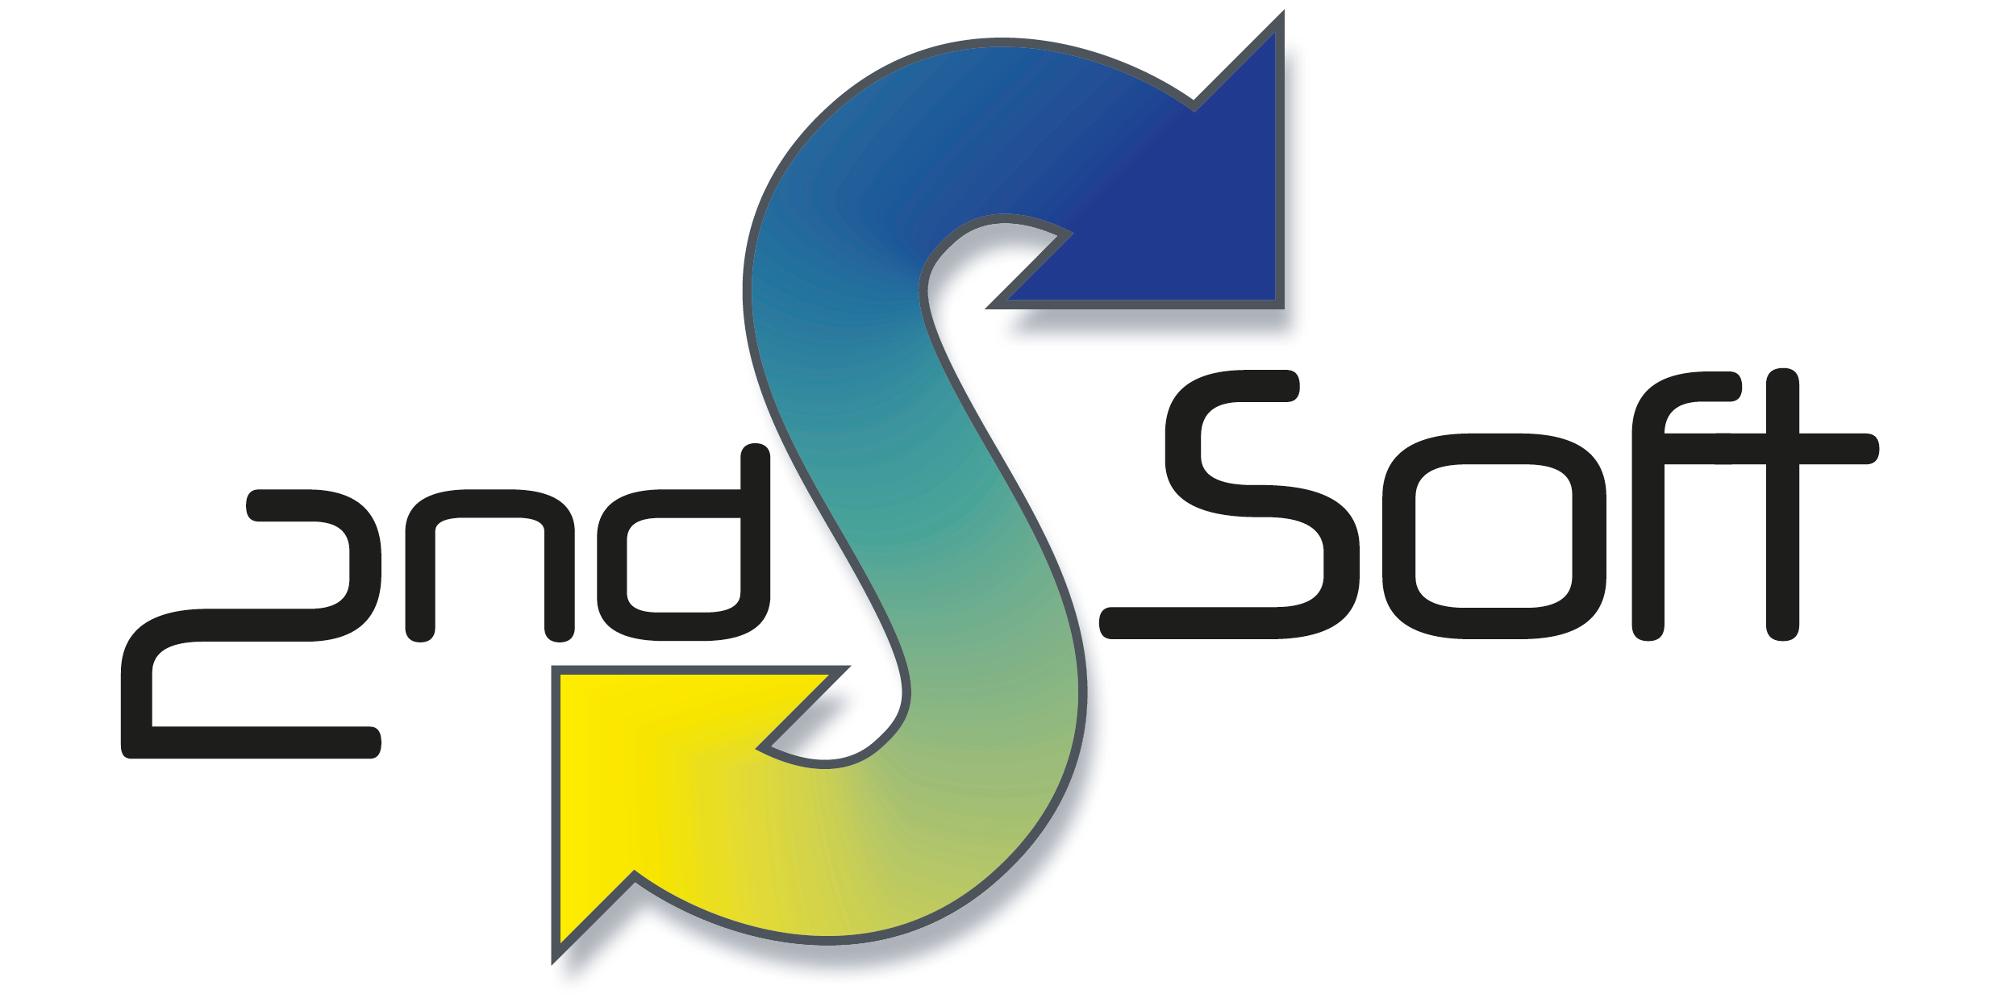 2ndsoft GmbH